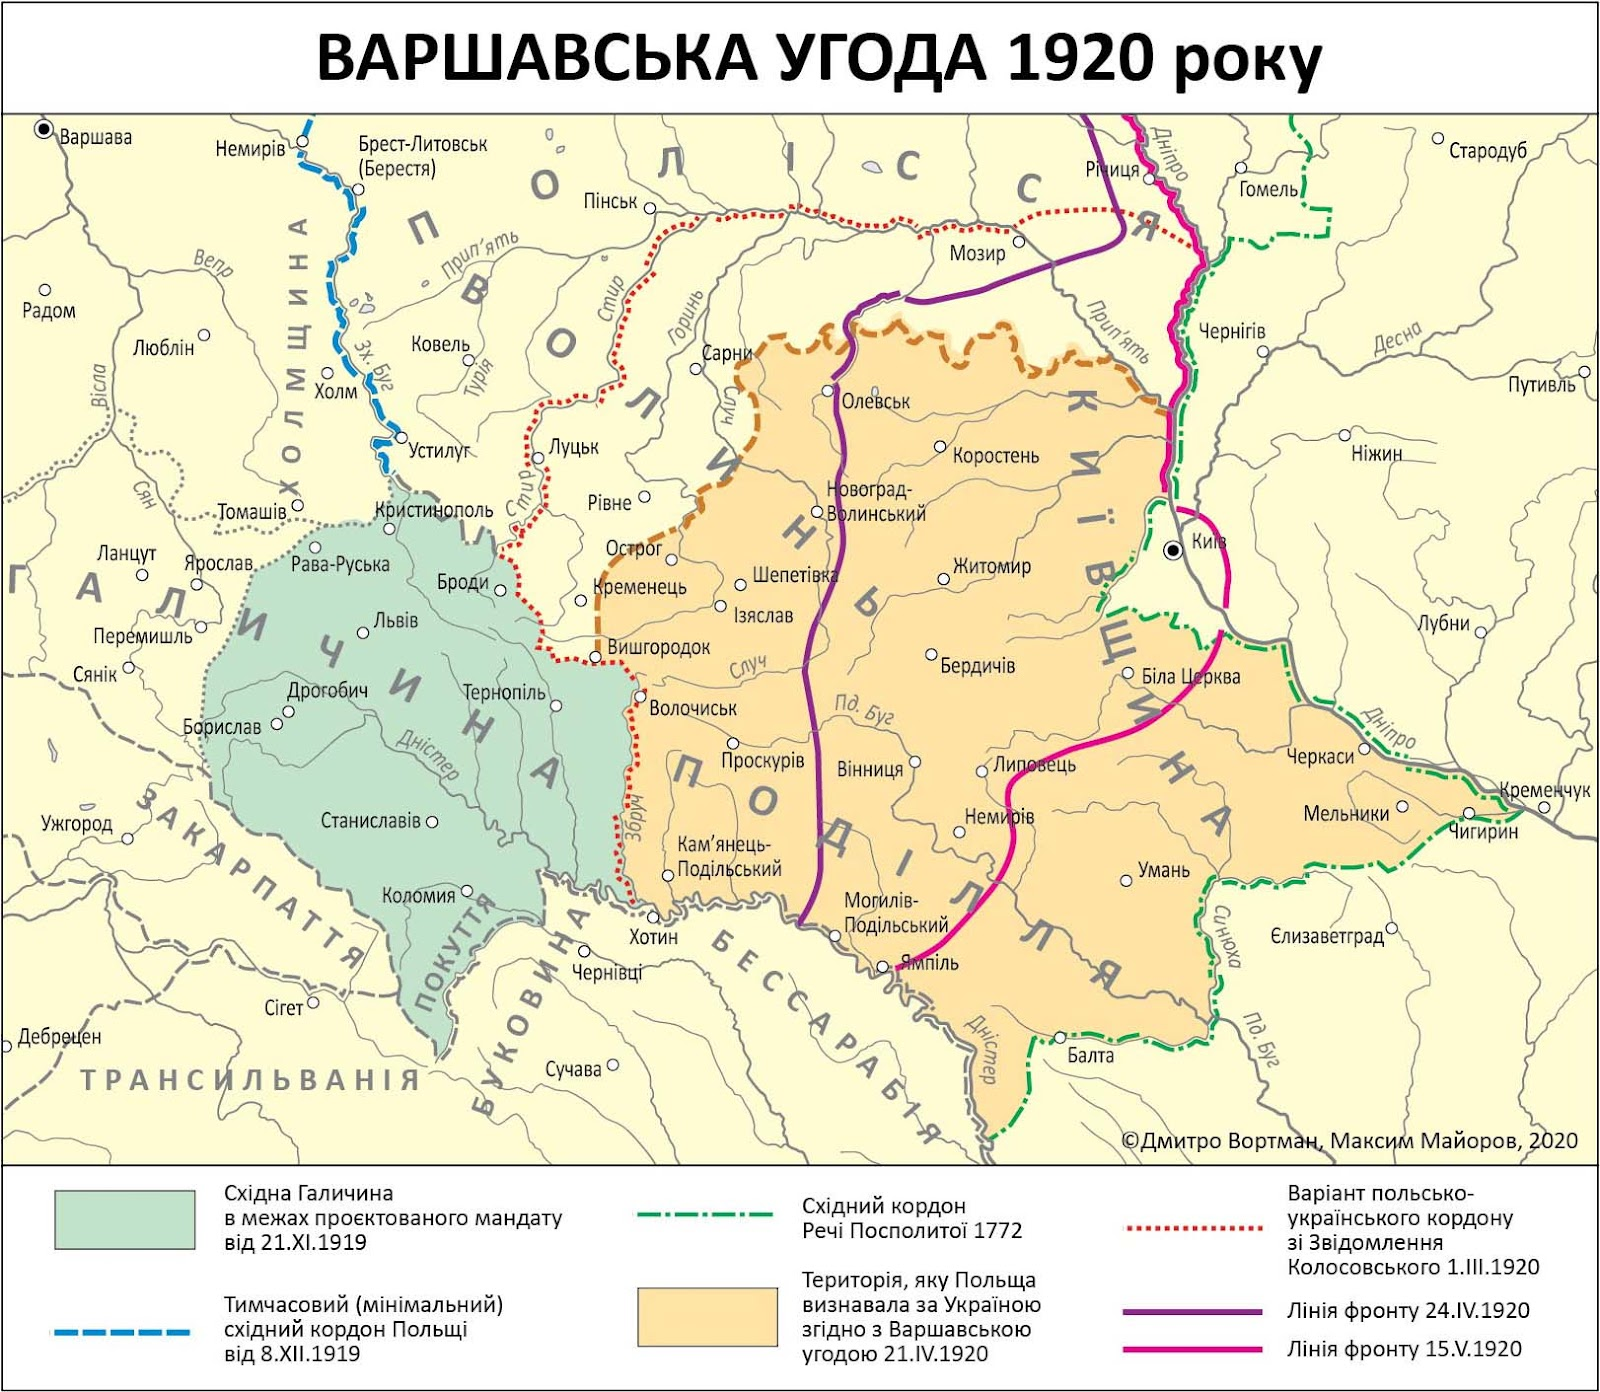 """Карта Варшавської угоди та реальної розстановки сили у квітні-травні 1920-го. Вперше опублікована у статті Максима Майорова в проекті """"Наша революція""""  від 21 квітня 2020-го"""